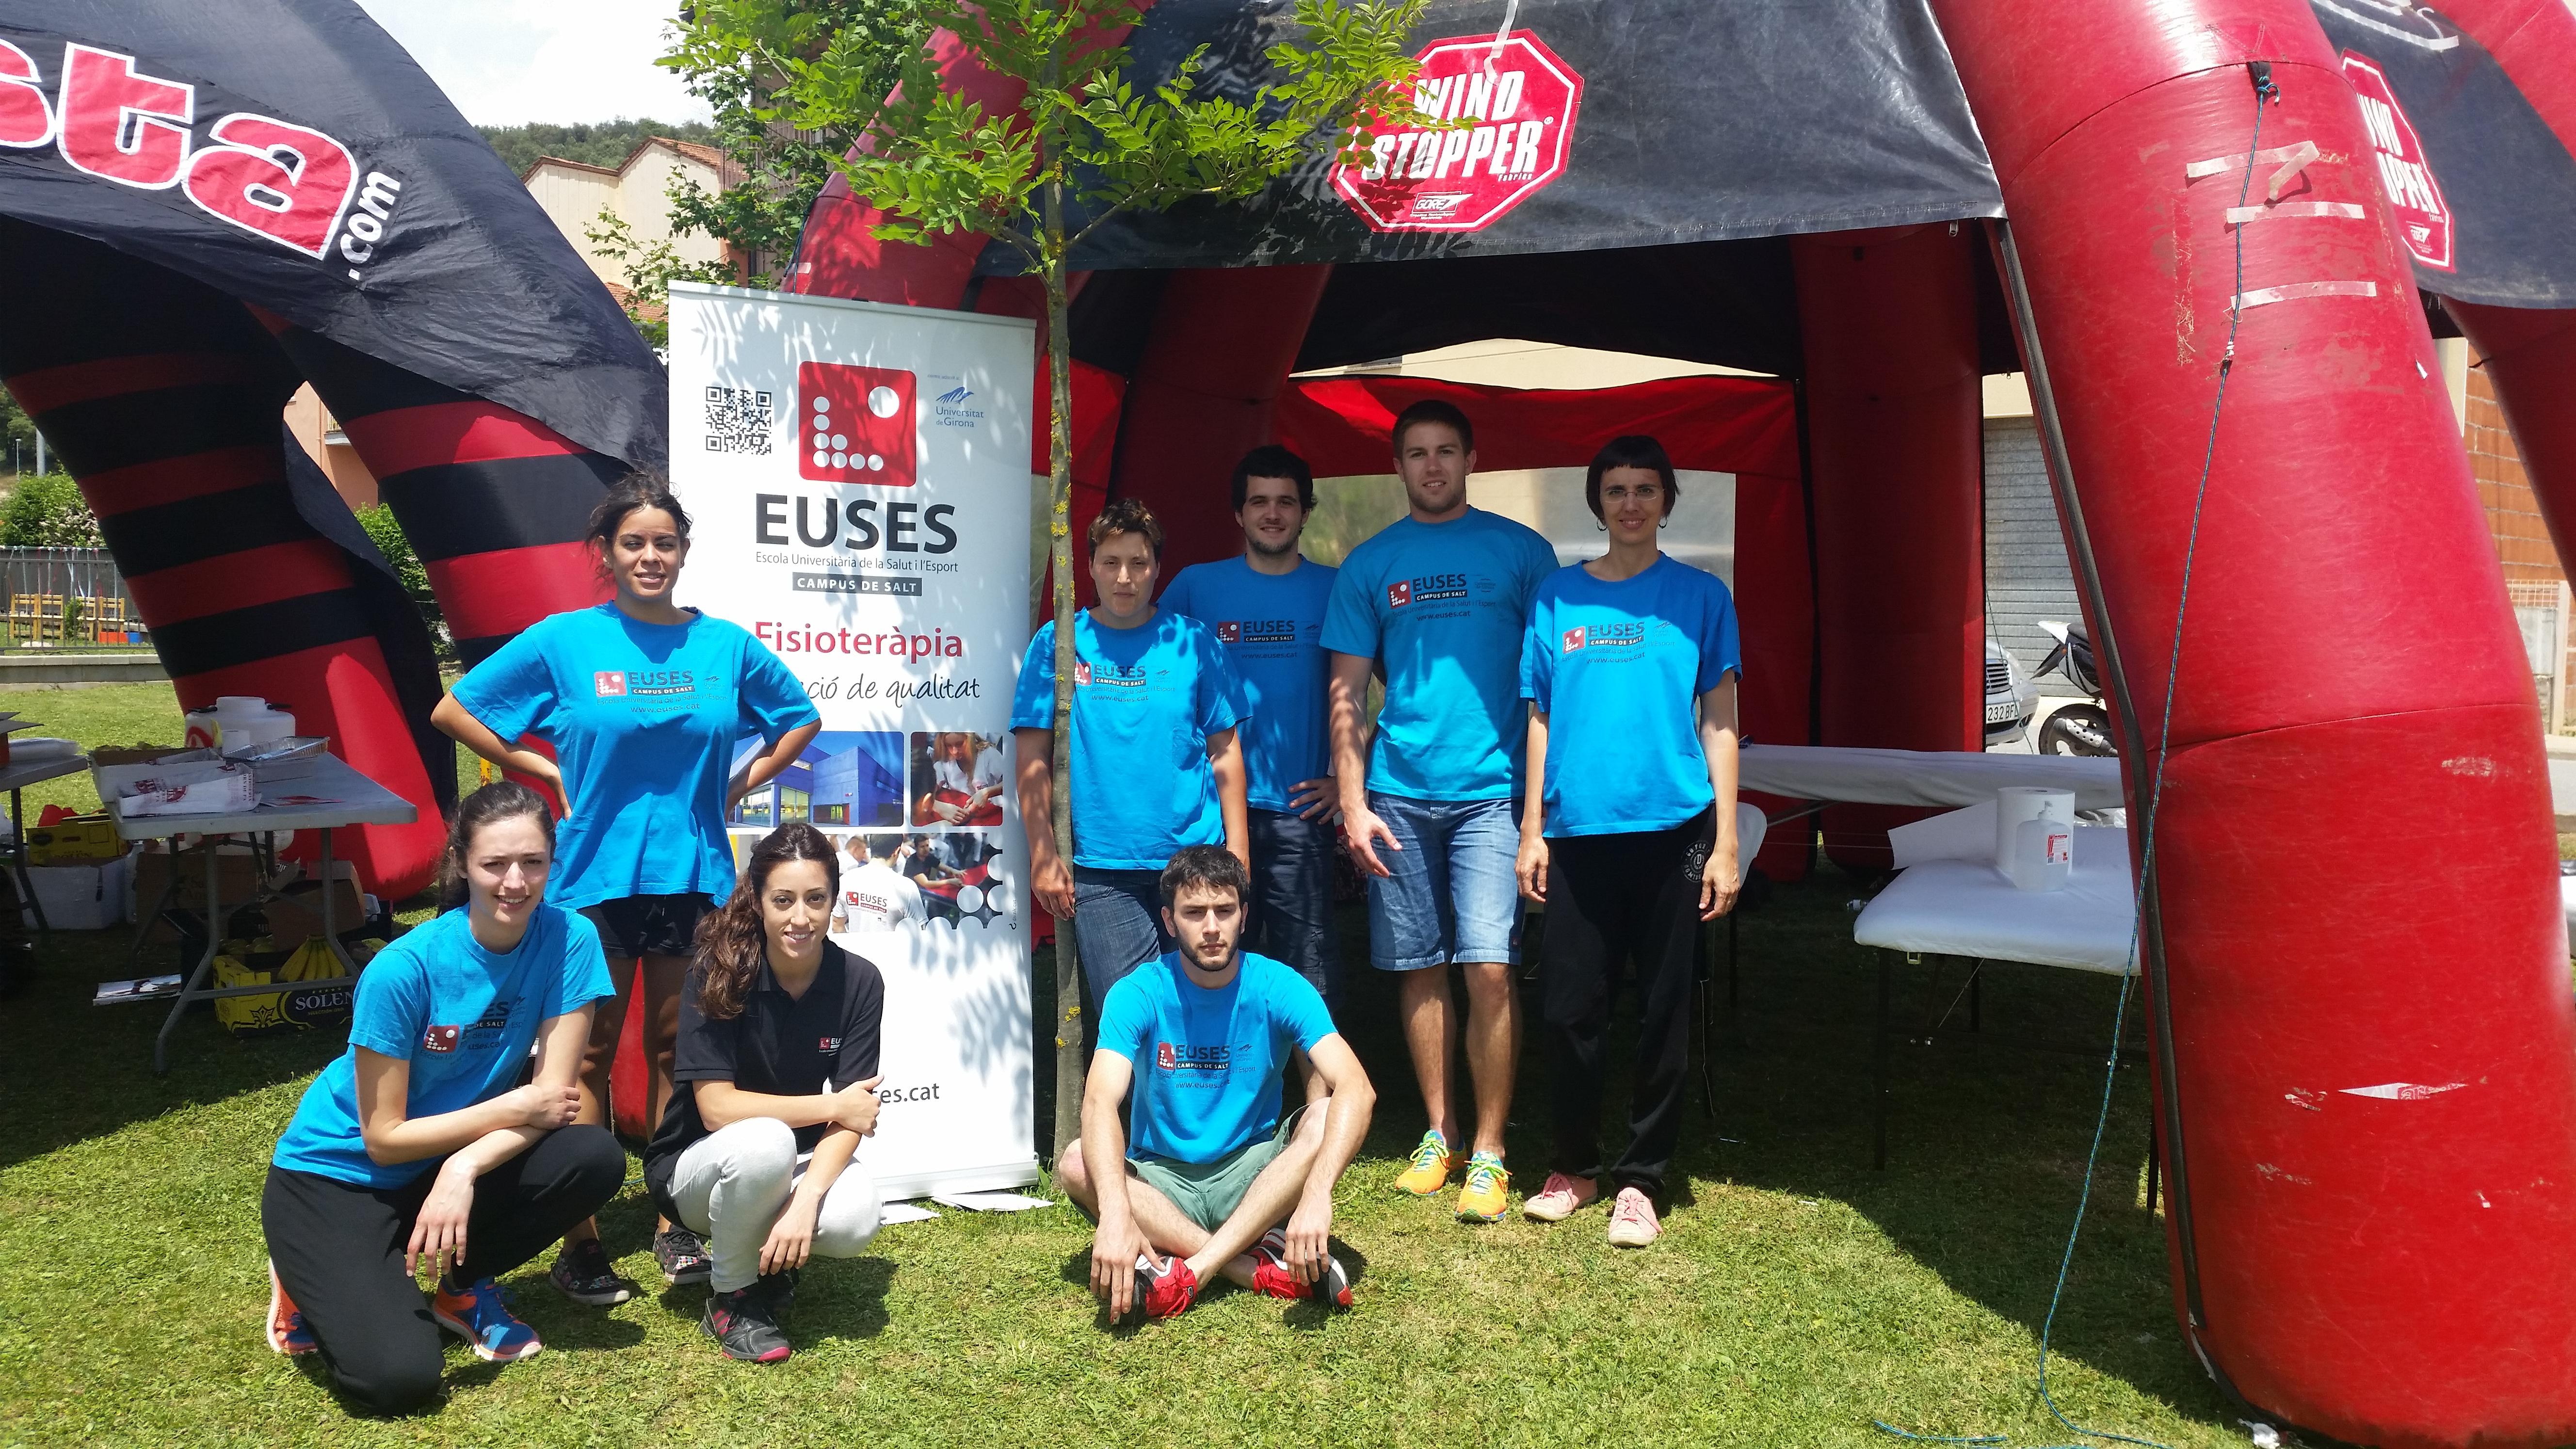 """EUSES col·labora en la primera edició del """"Cames de Ferro"""" al Puigsacalm"""